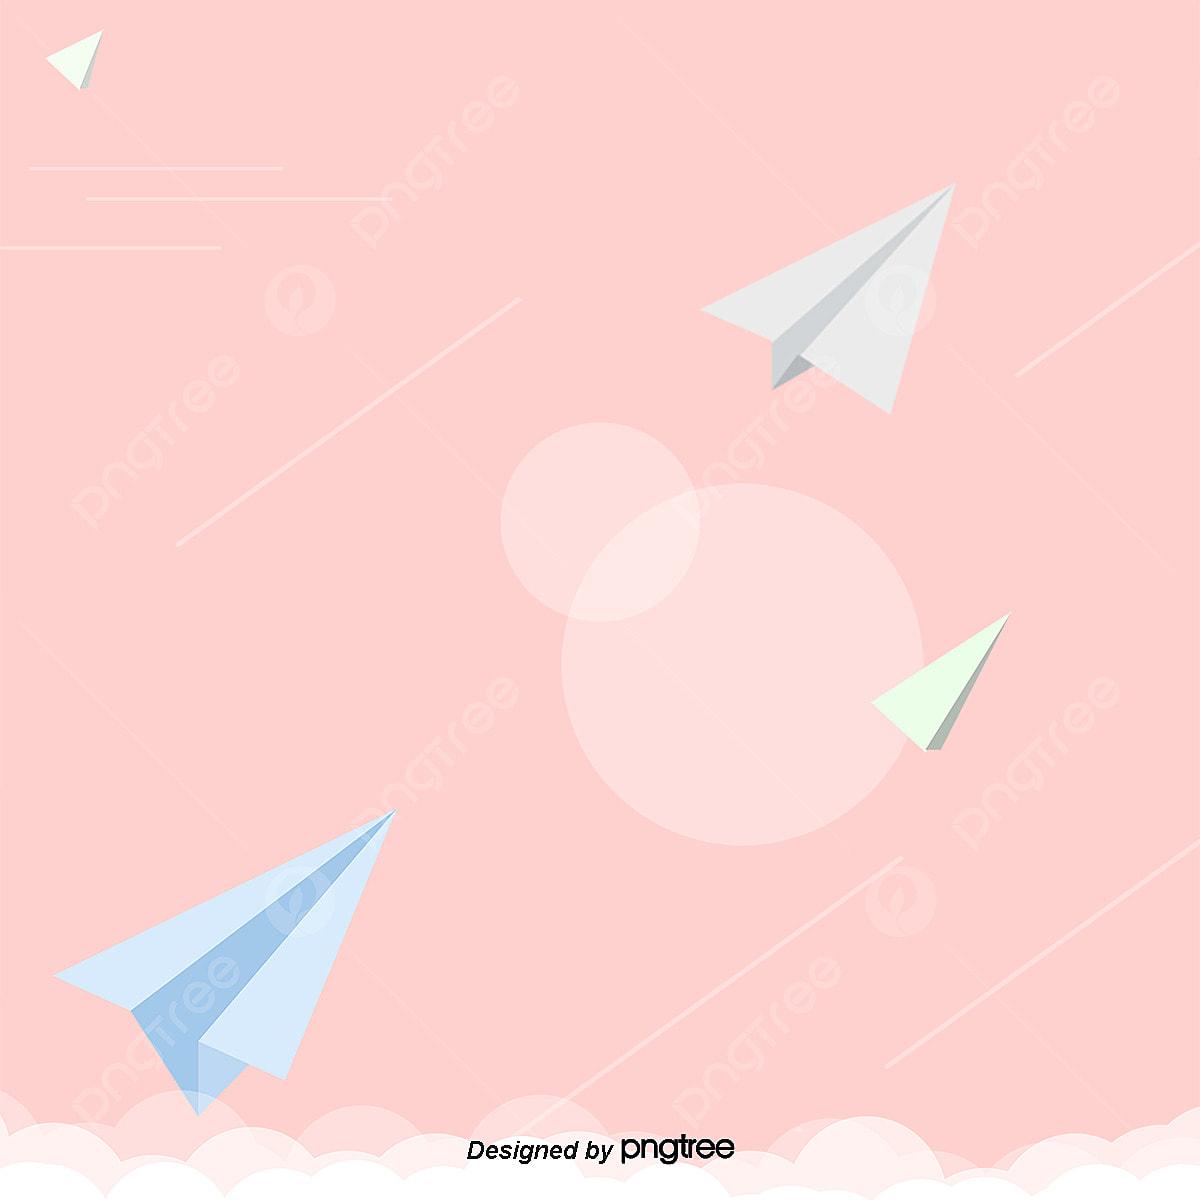 Pesawat Kad Kertas Hijau Biru Latar Belakang Warna Pink